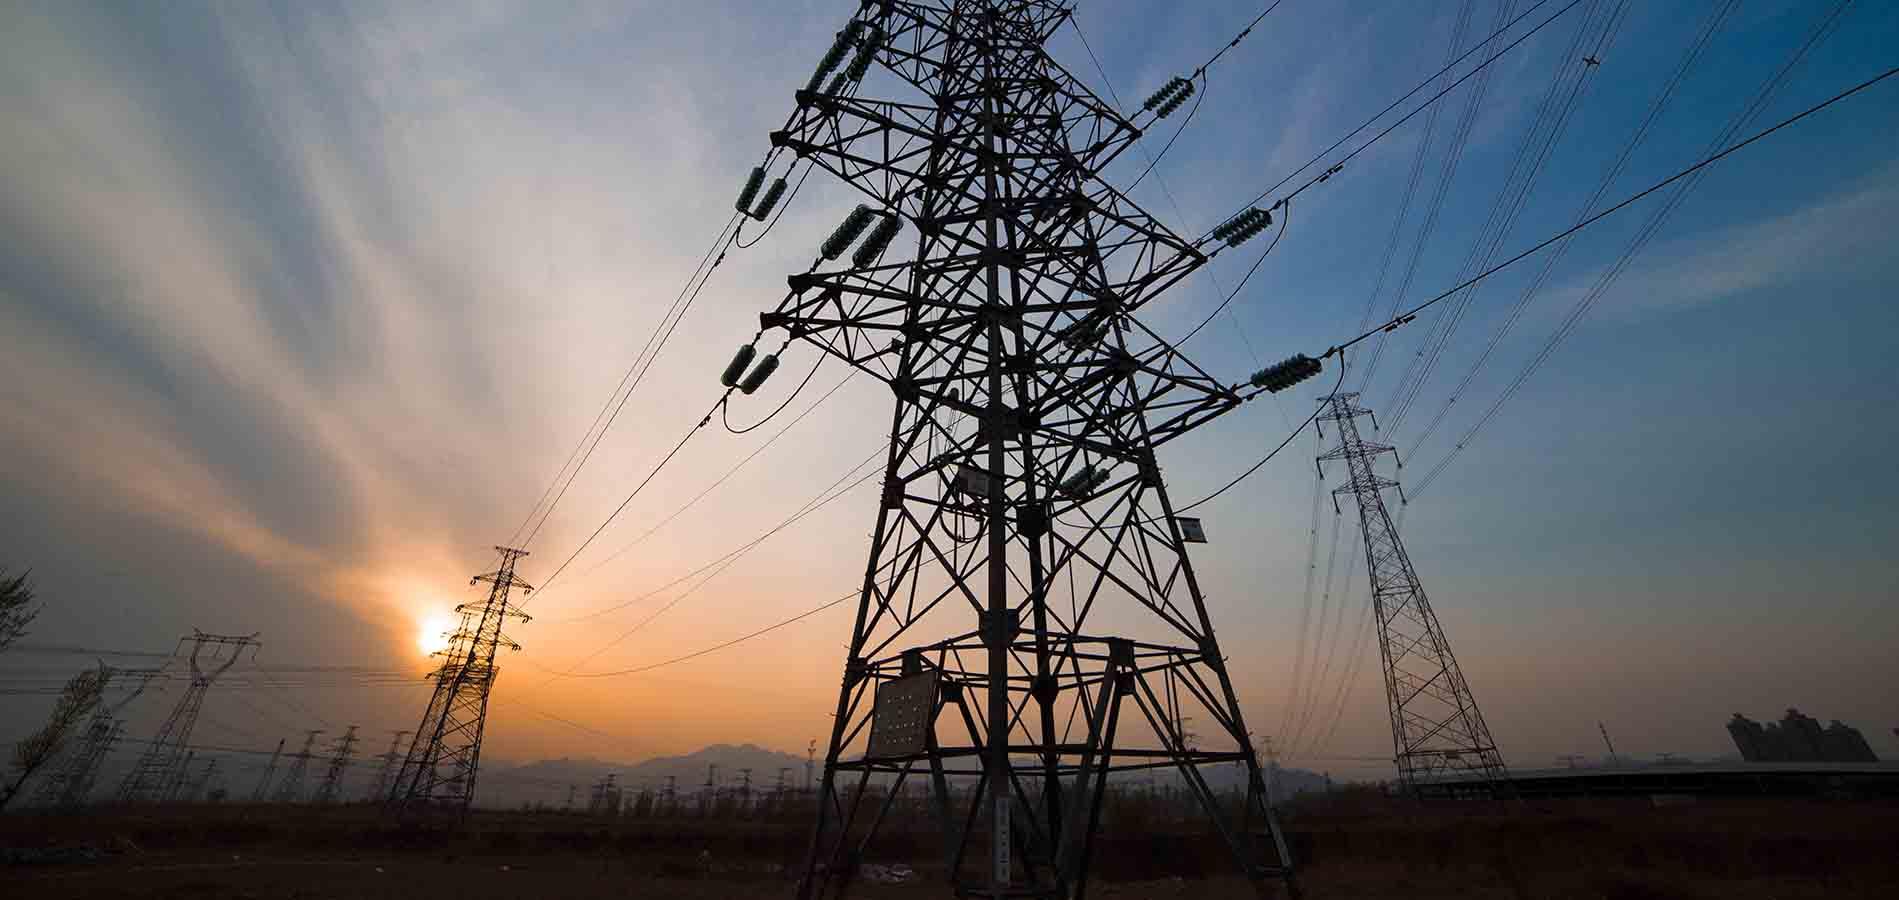 ¿Qué causa las alteraciones de energía?